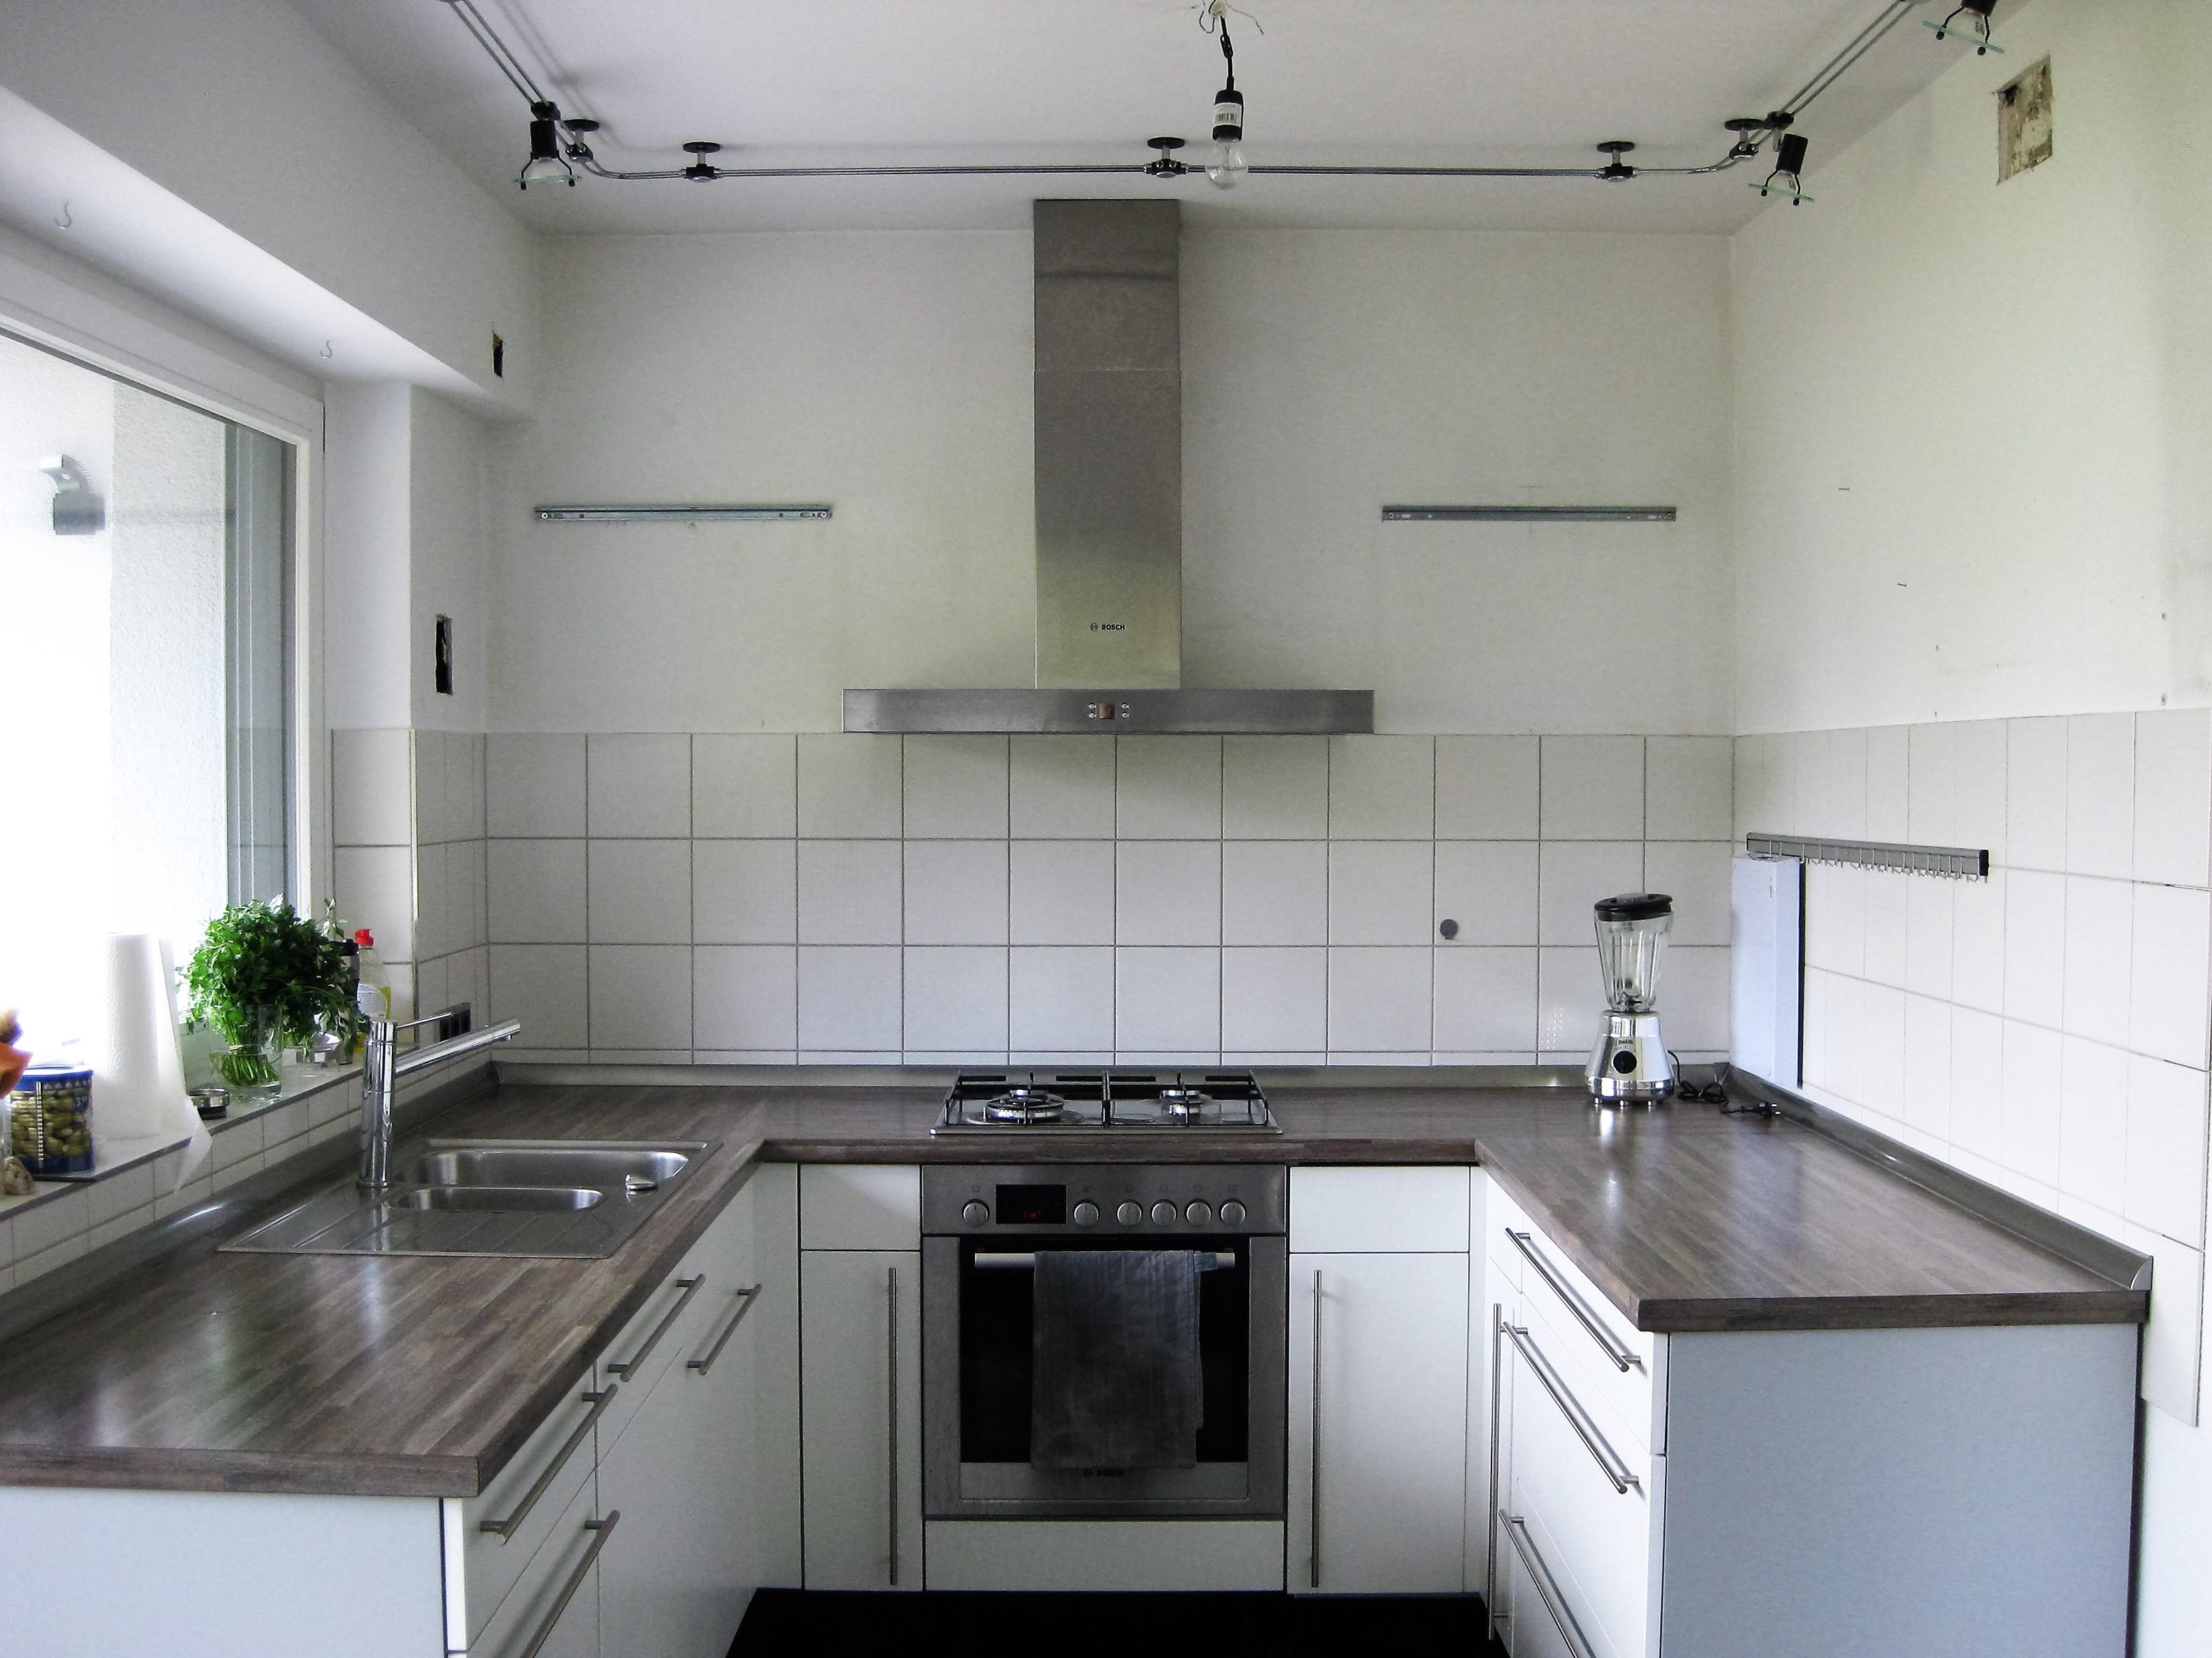 Leere Küche_Hausfrauenmethode